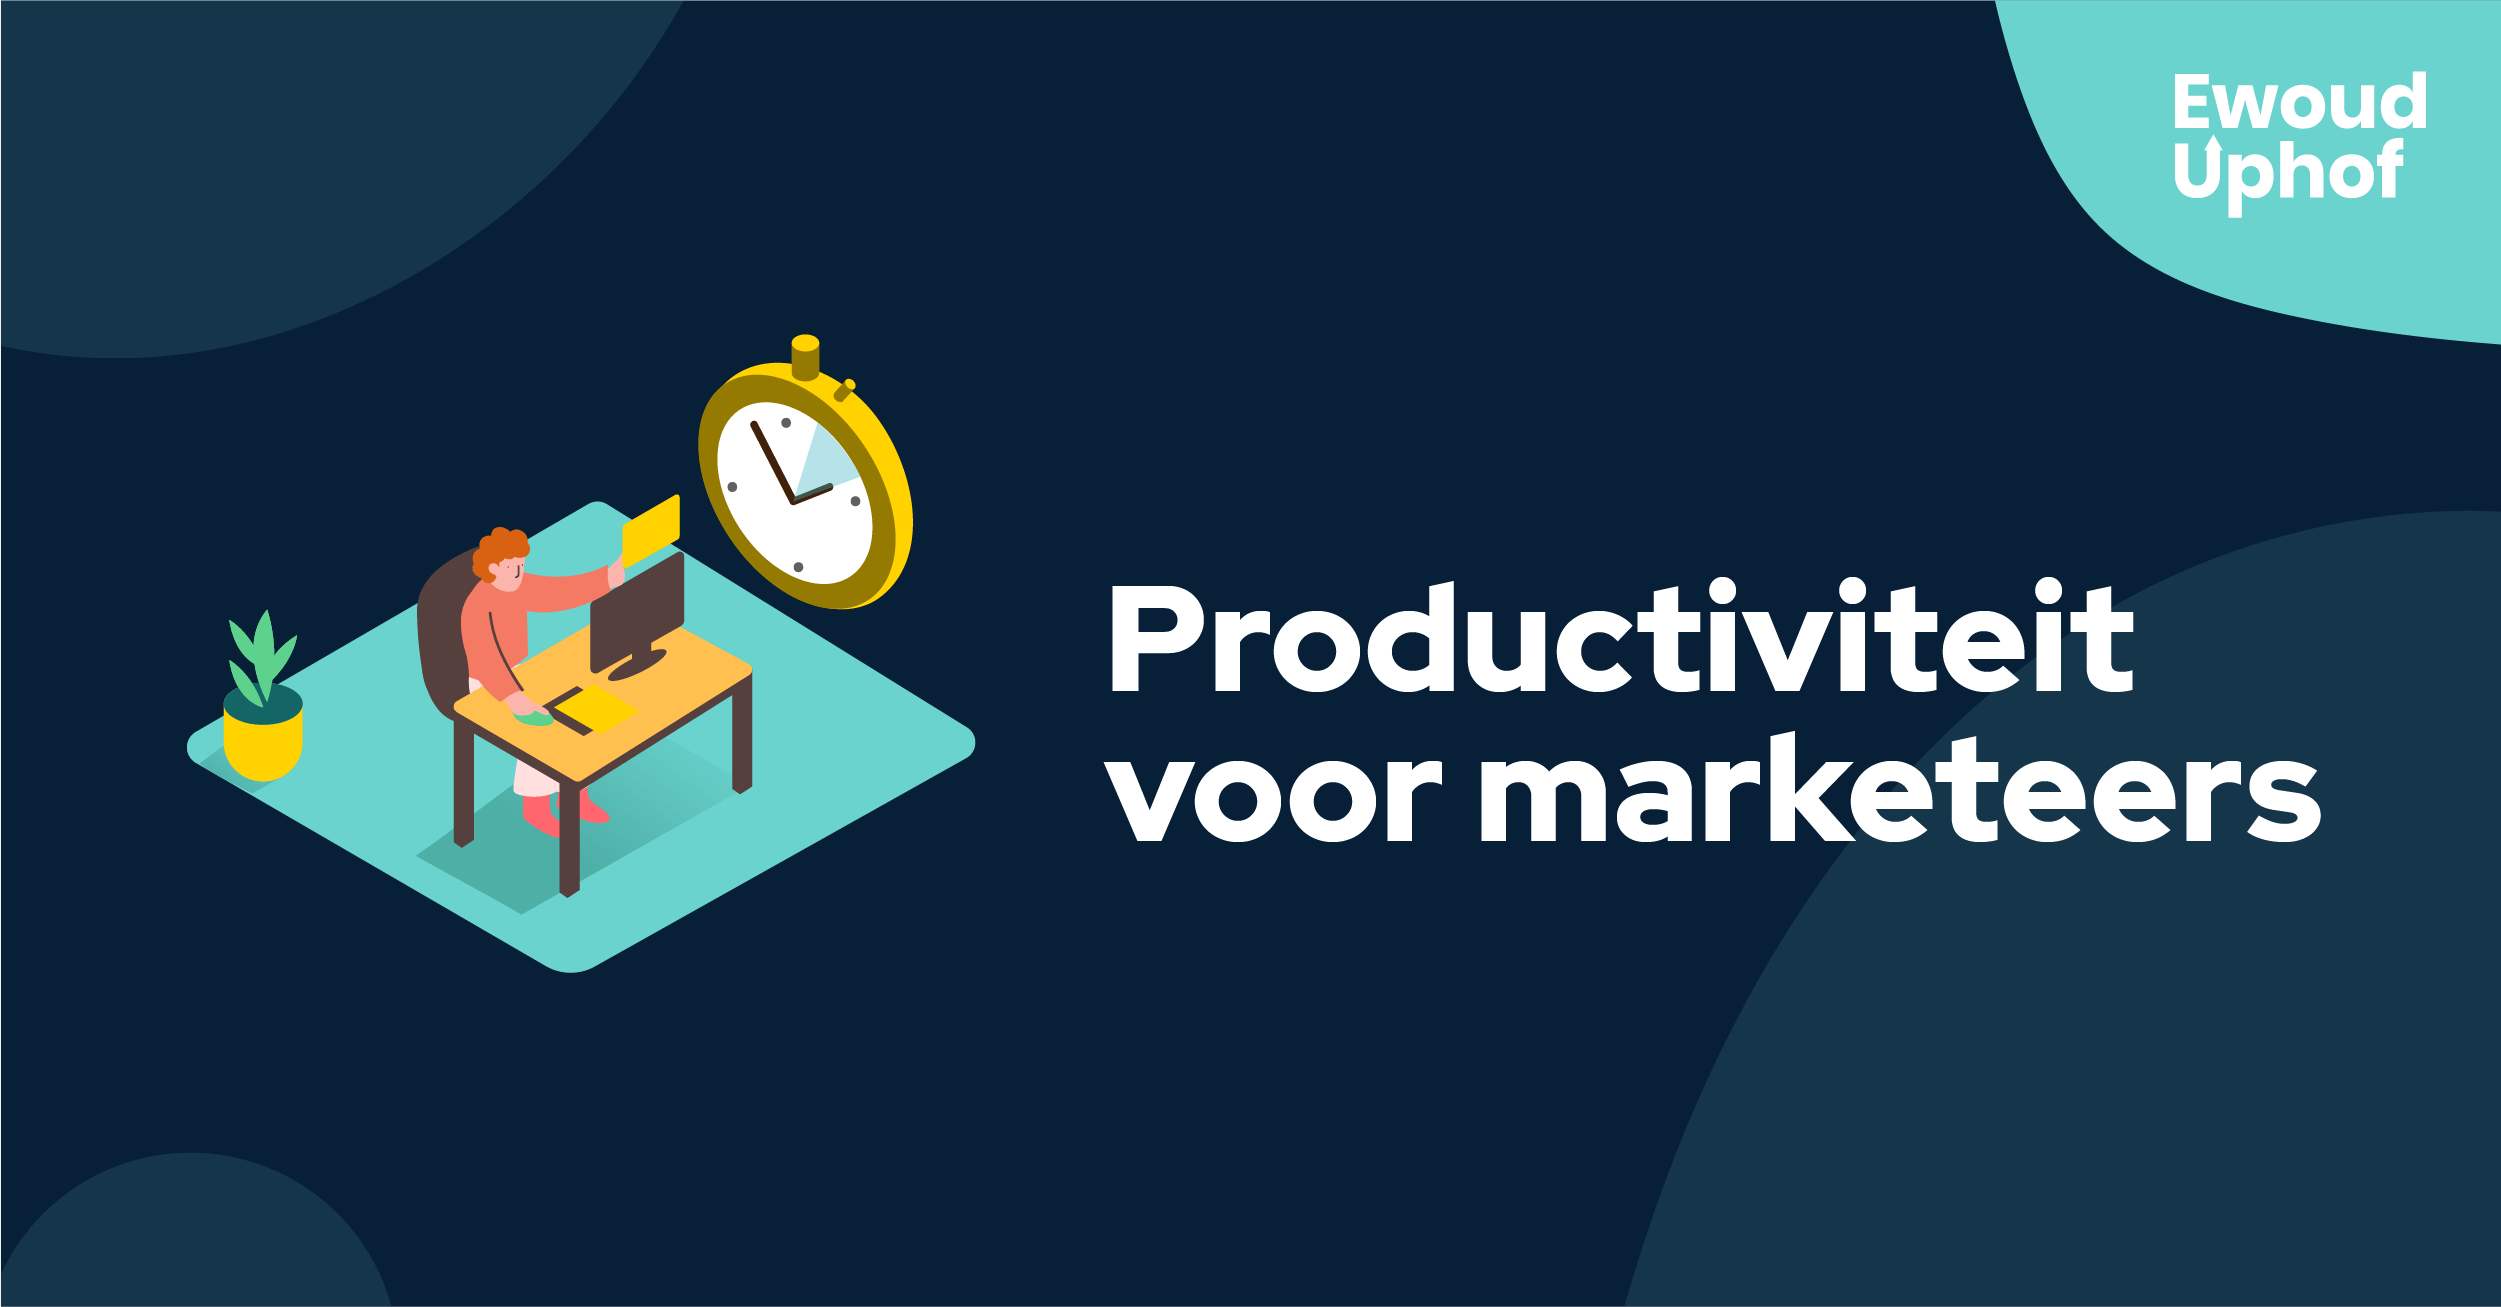 Productiviteit voor marketeers